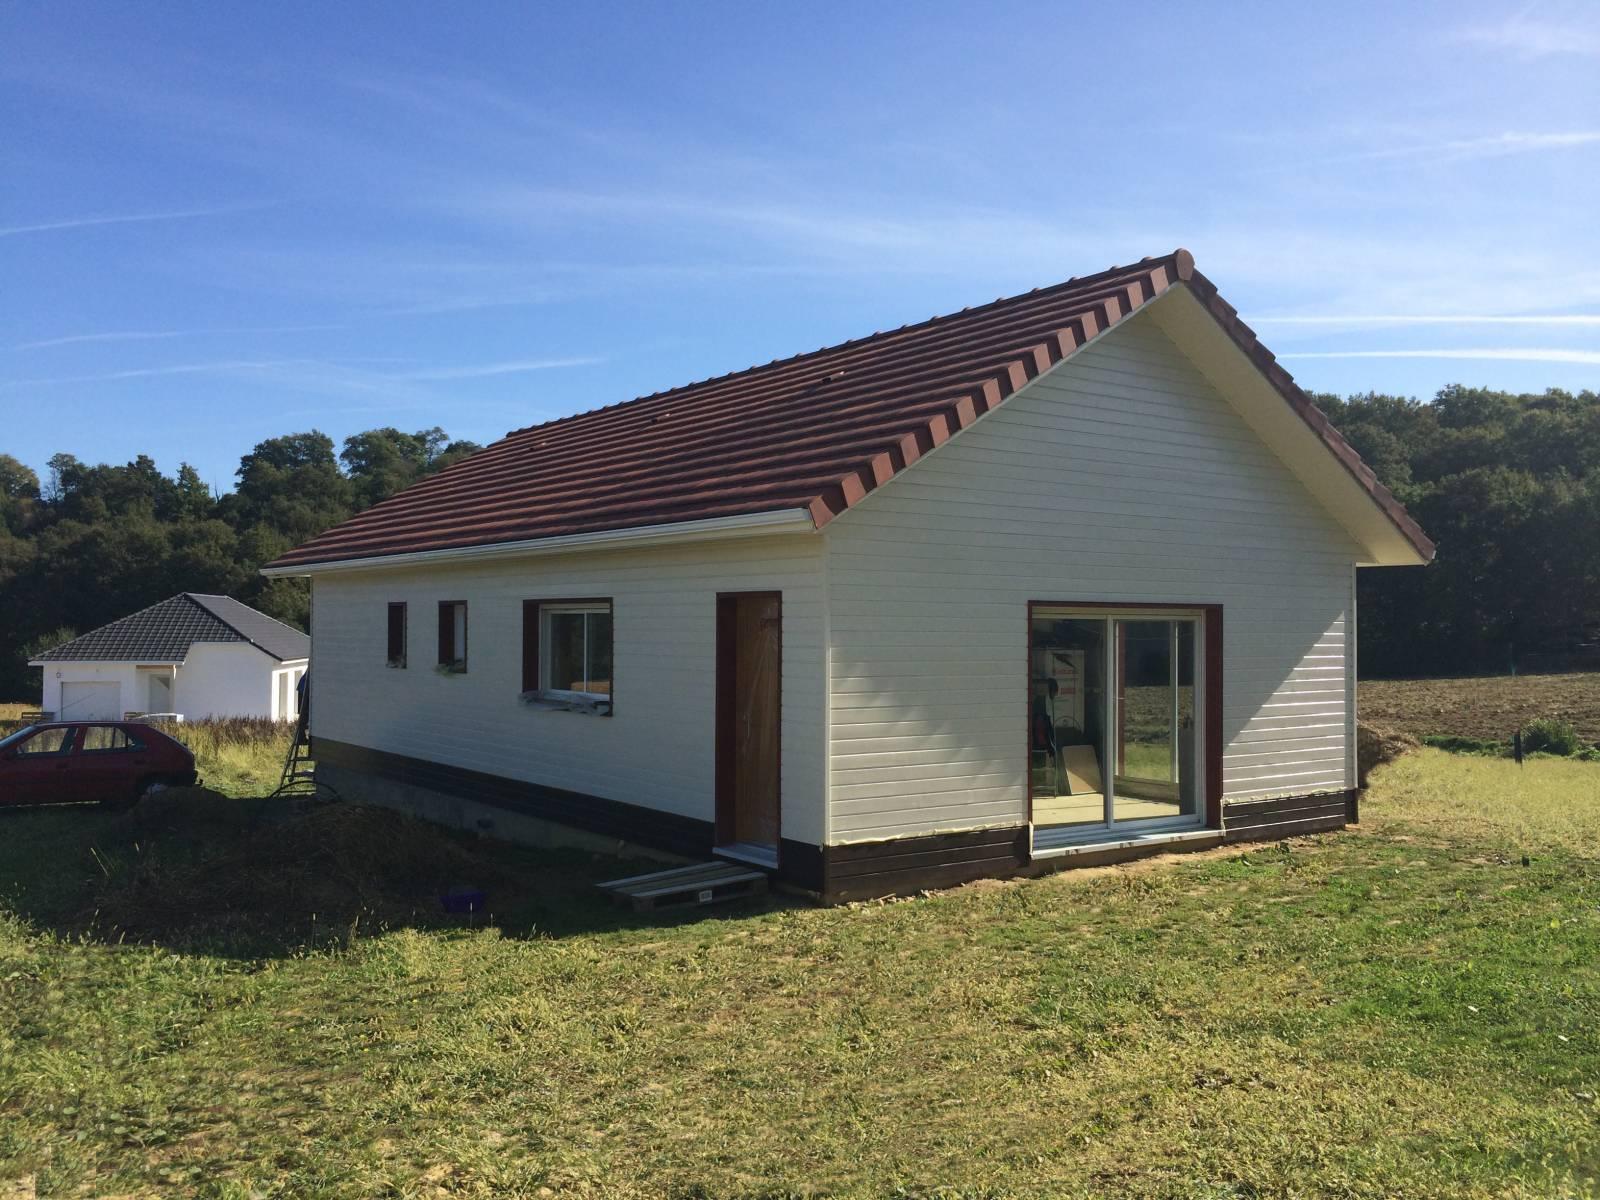 Acheter Maison bois Auto Construction dans les Pyrénées Atlantiques 64 réf 36 Cogebois